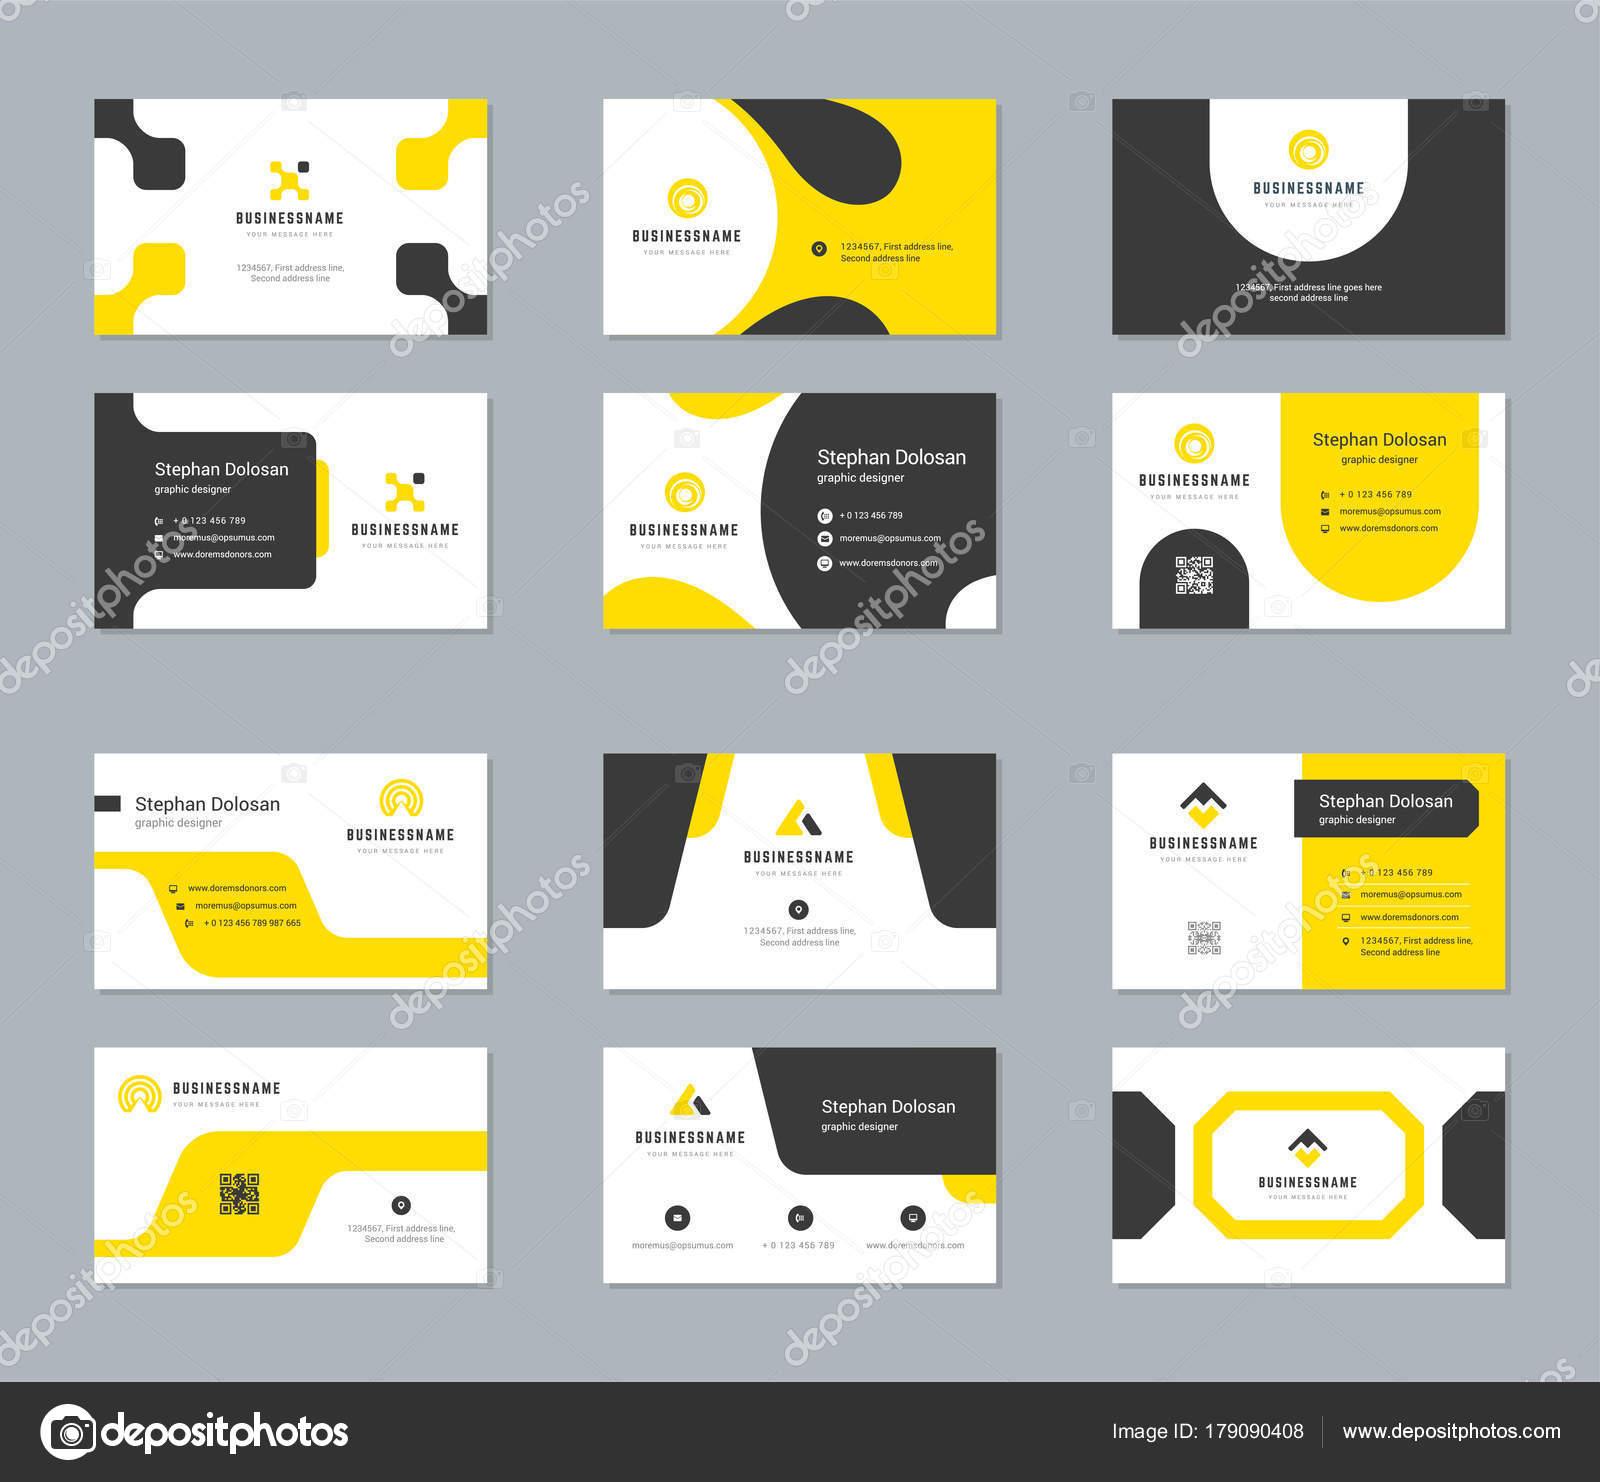 Cartes De Visite Design Modeles Set Abstraite Moderne Corporate Branding Style Vecteur Illustration Deux Cotes Avec Fond Couleurs Trendy Logo